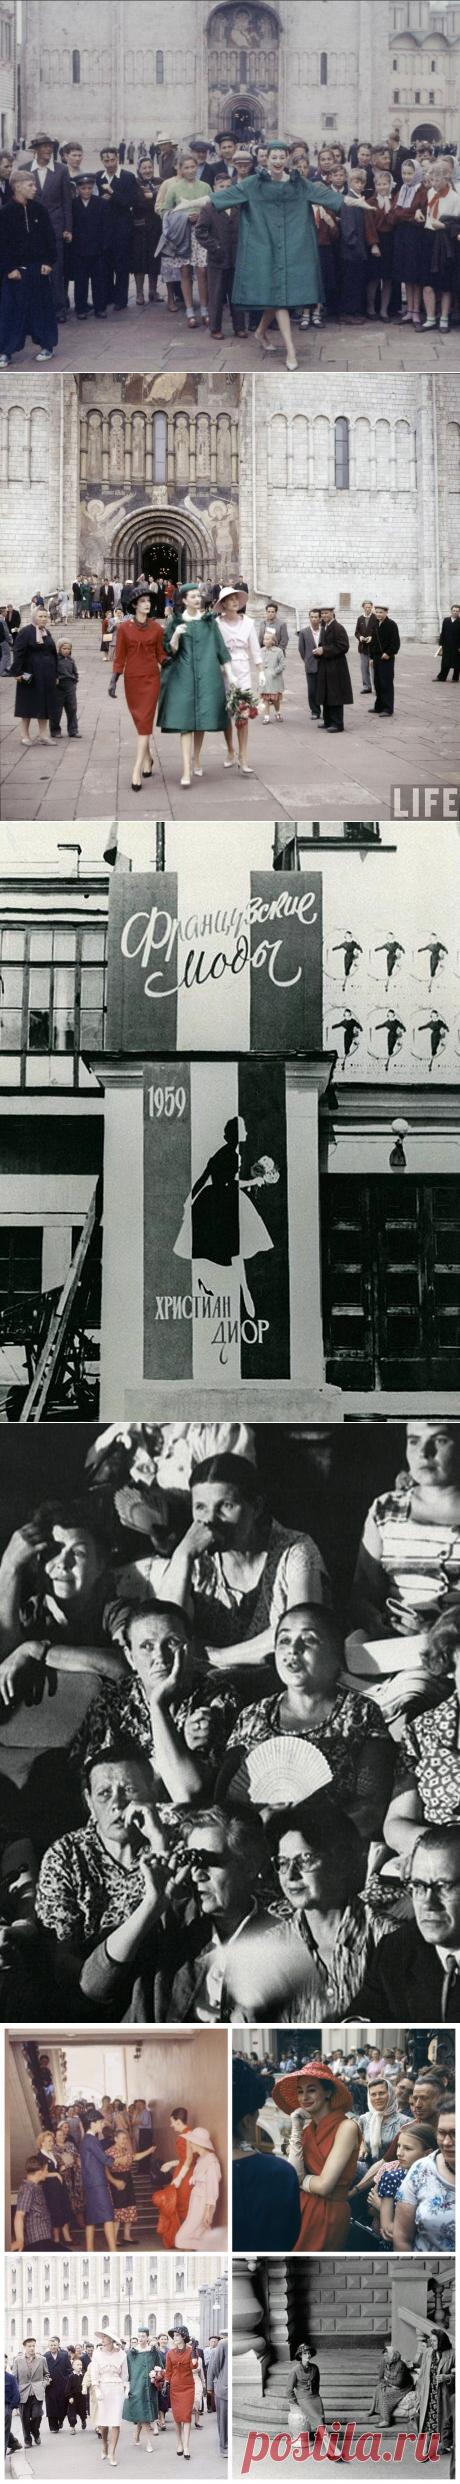 Столкновение миров и взглядов: граждан СССР с манекенщицами Dior. Как это было? Реакция граждан СССР | Мода вне времени | Яндекс Дзен